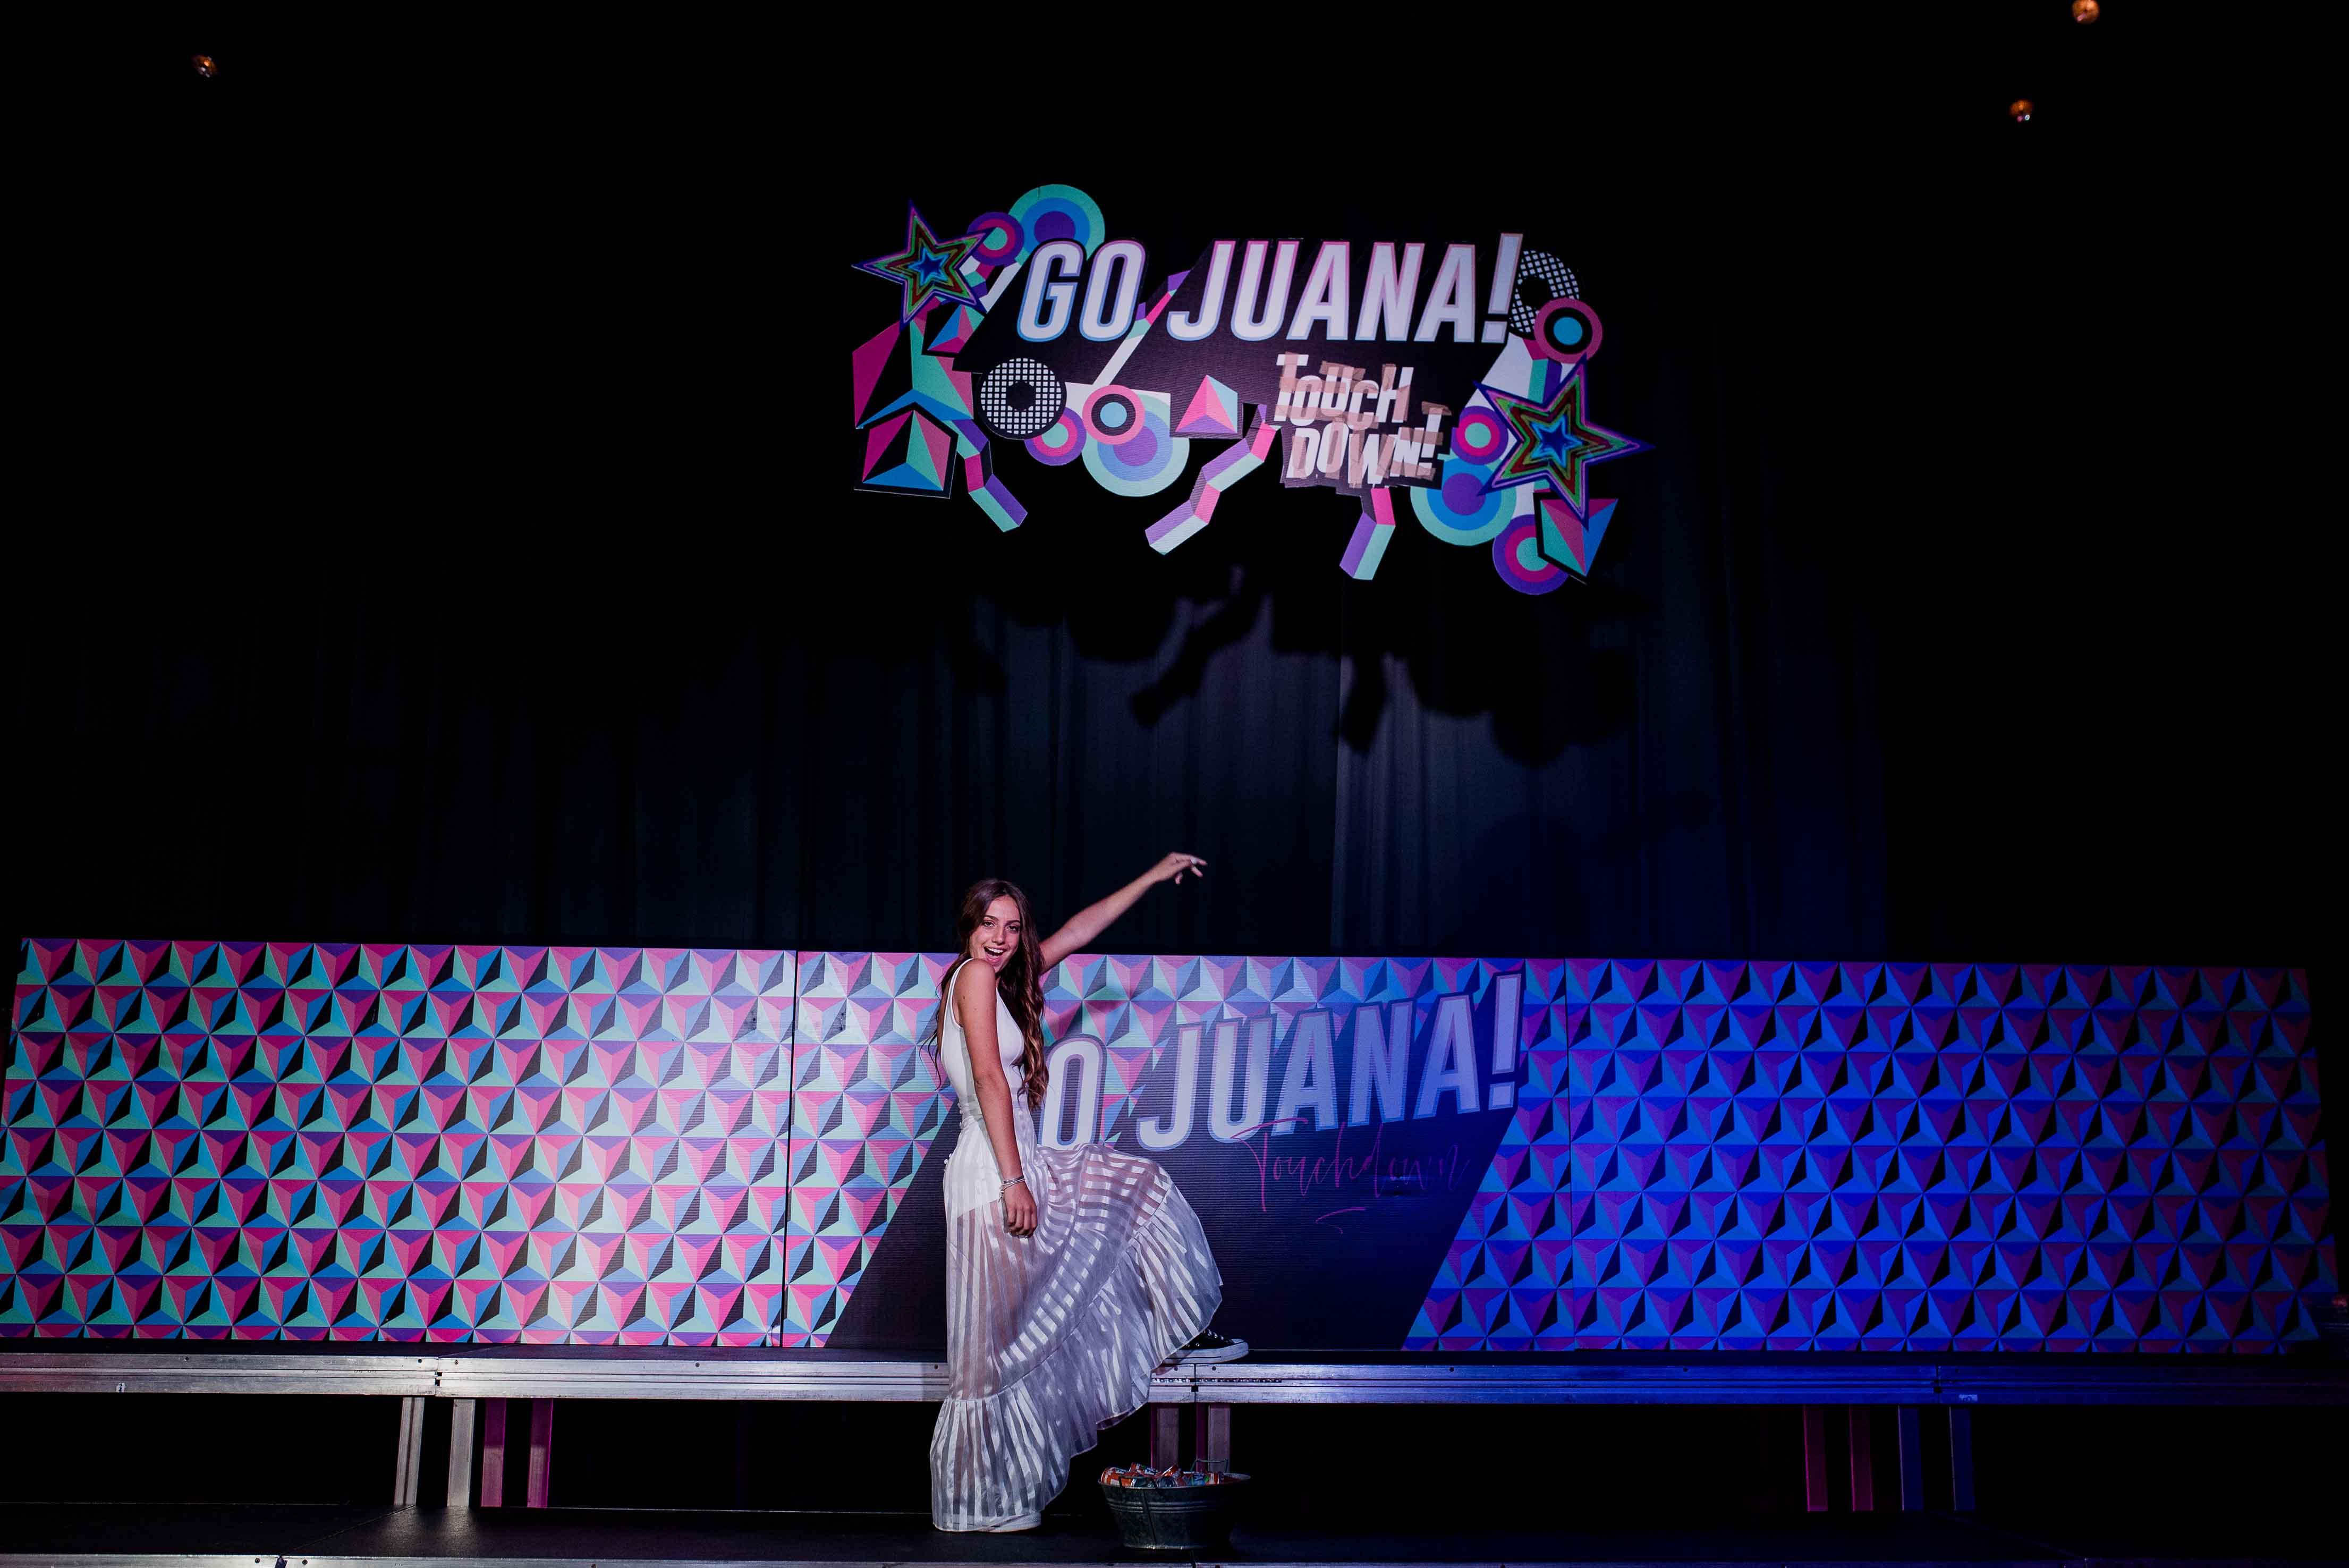 Fotos del quince de Juana en Rosario realizadas por Bucle Fotografias Flor Bosio y Caro Clerici